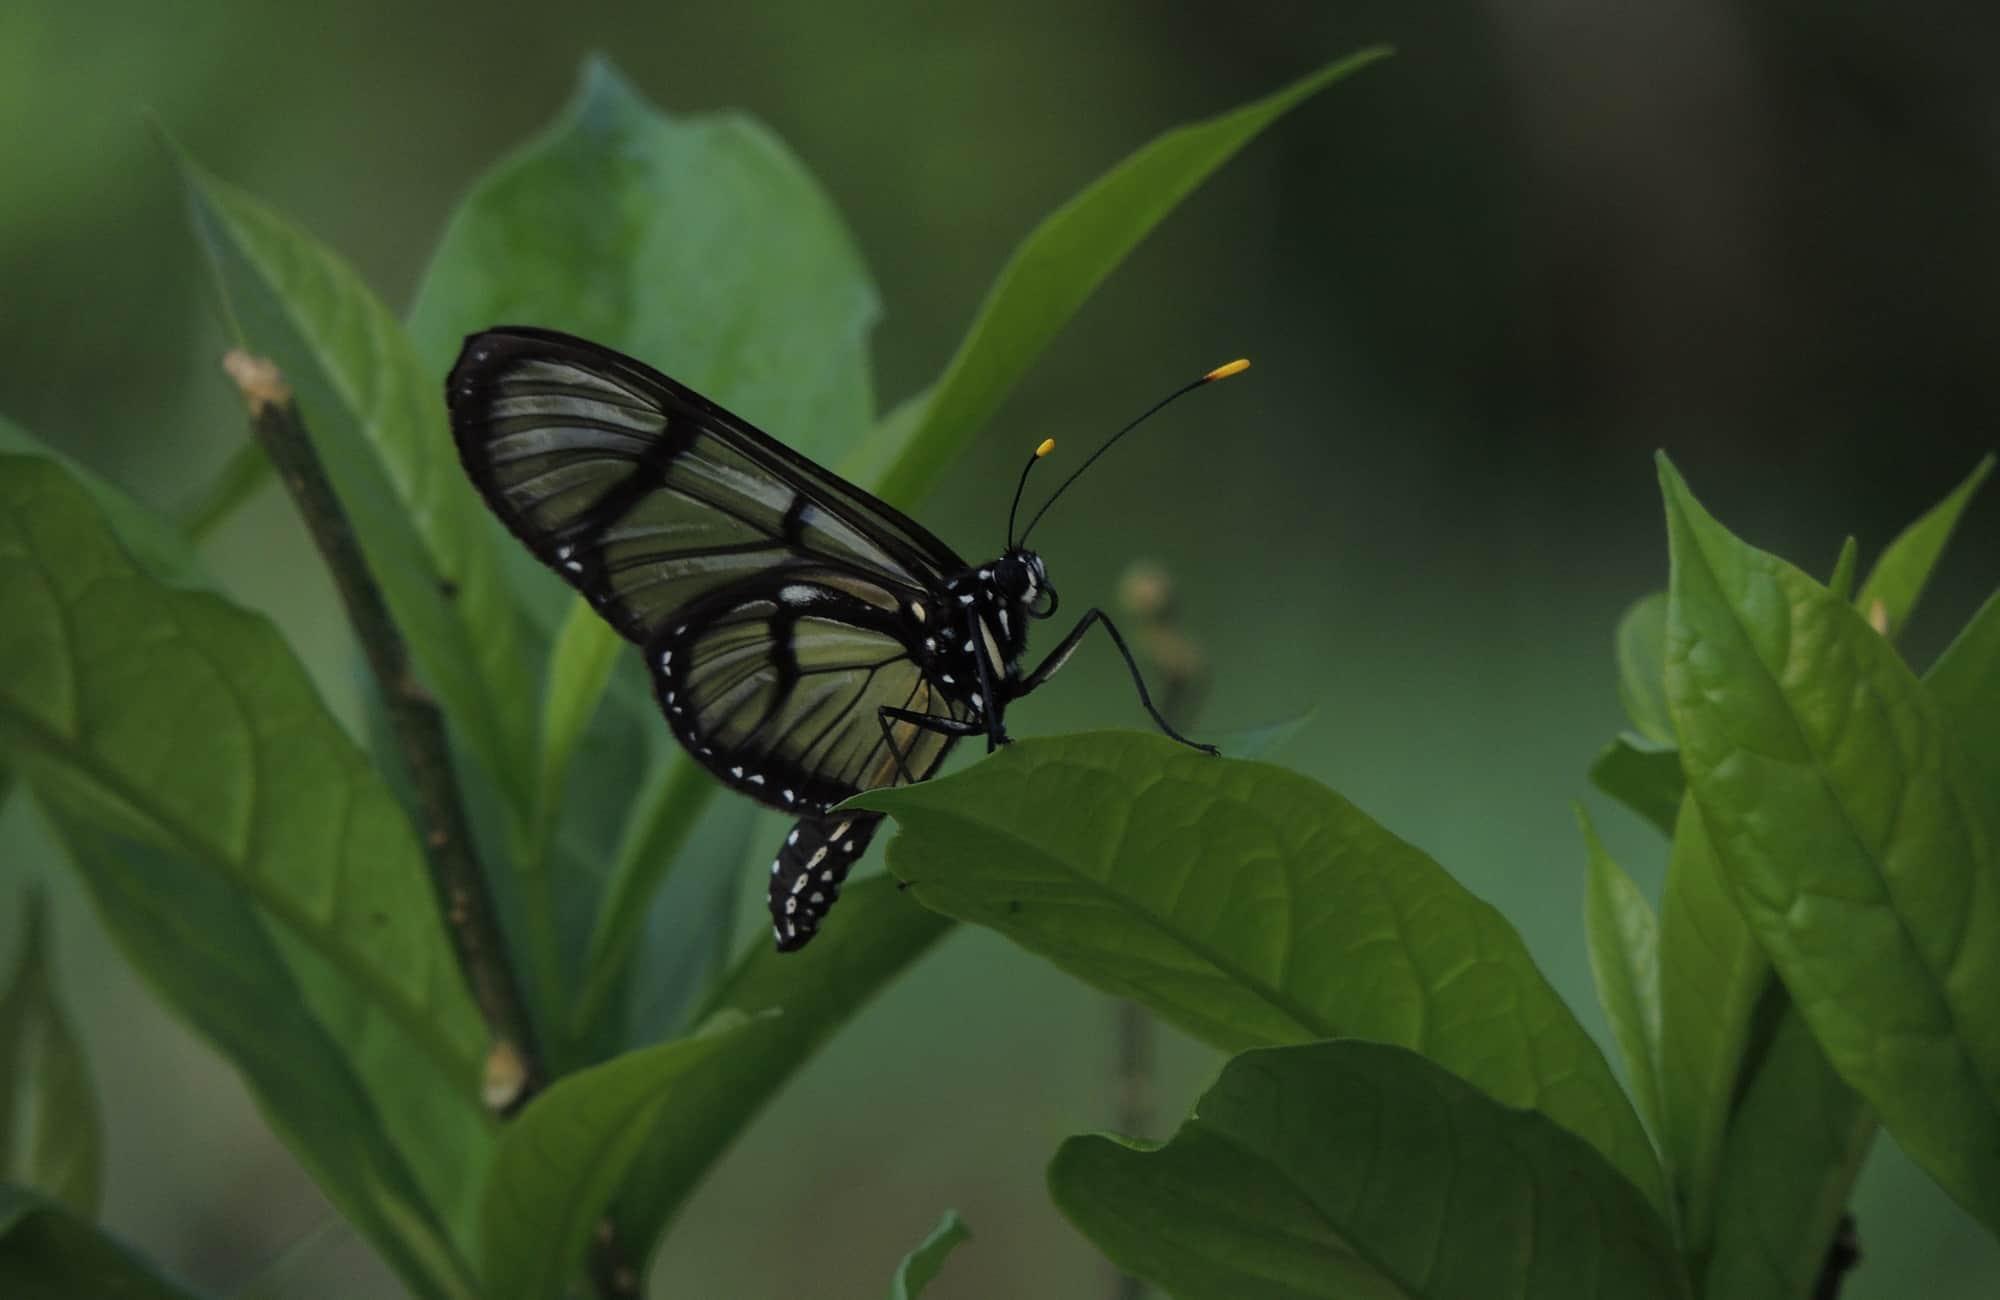 Voyage en Équateur - Papillon - Amplitudes